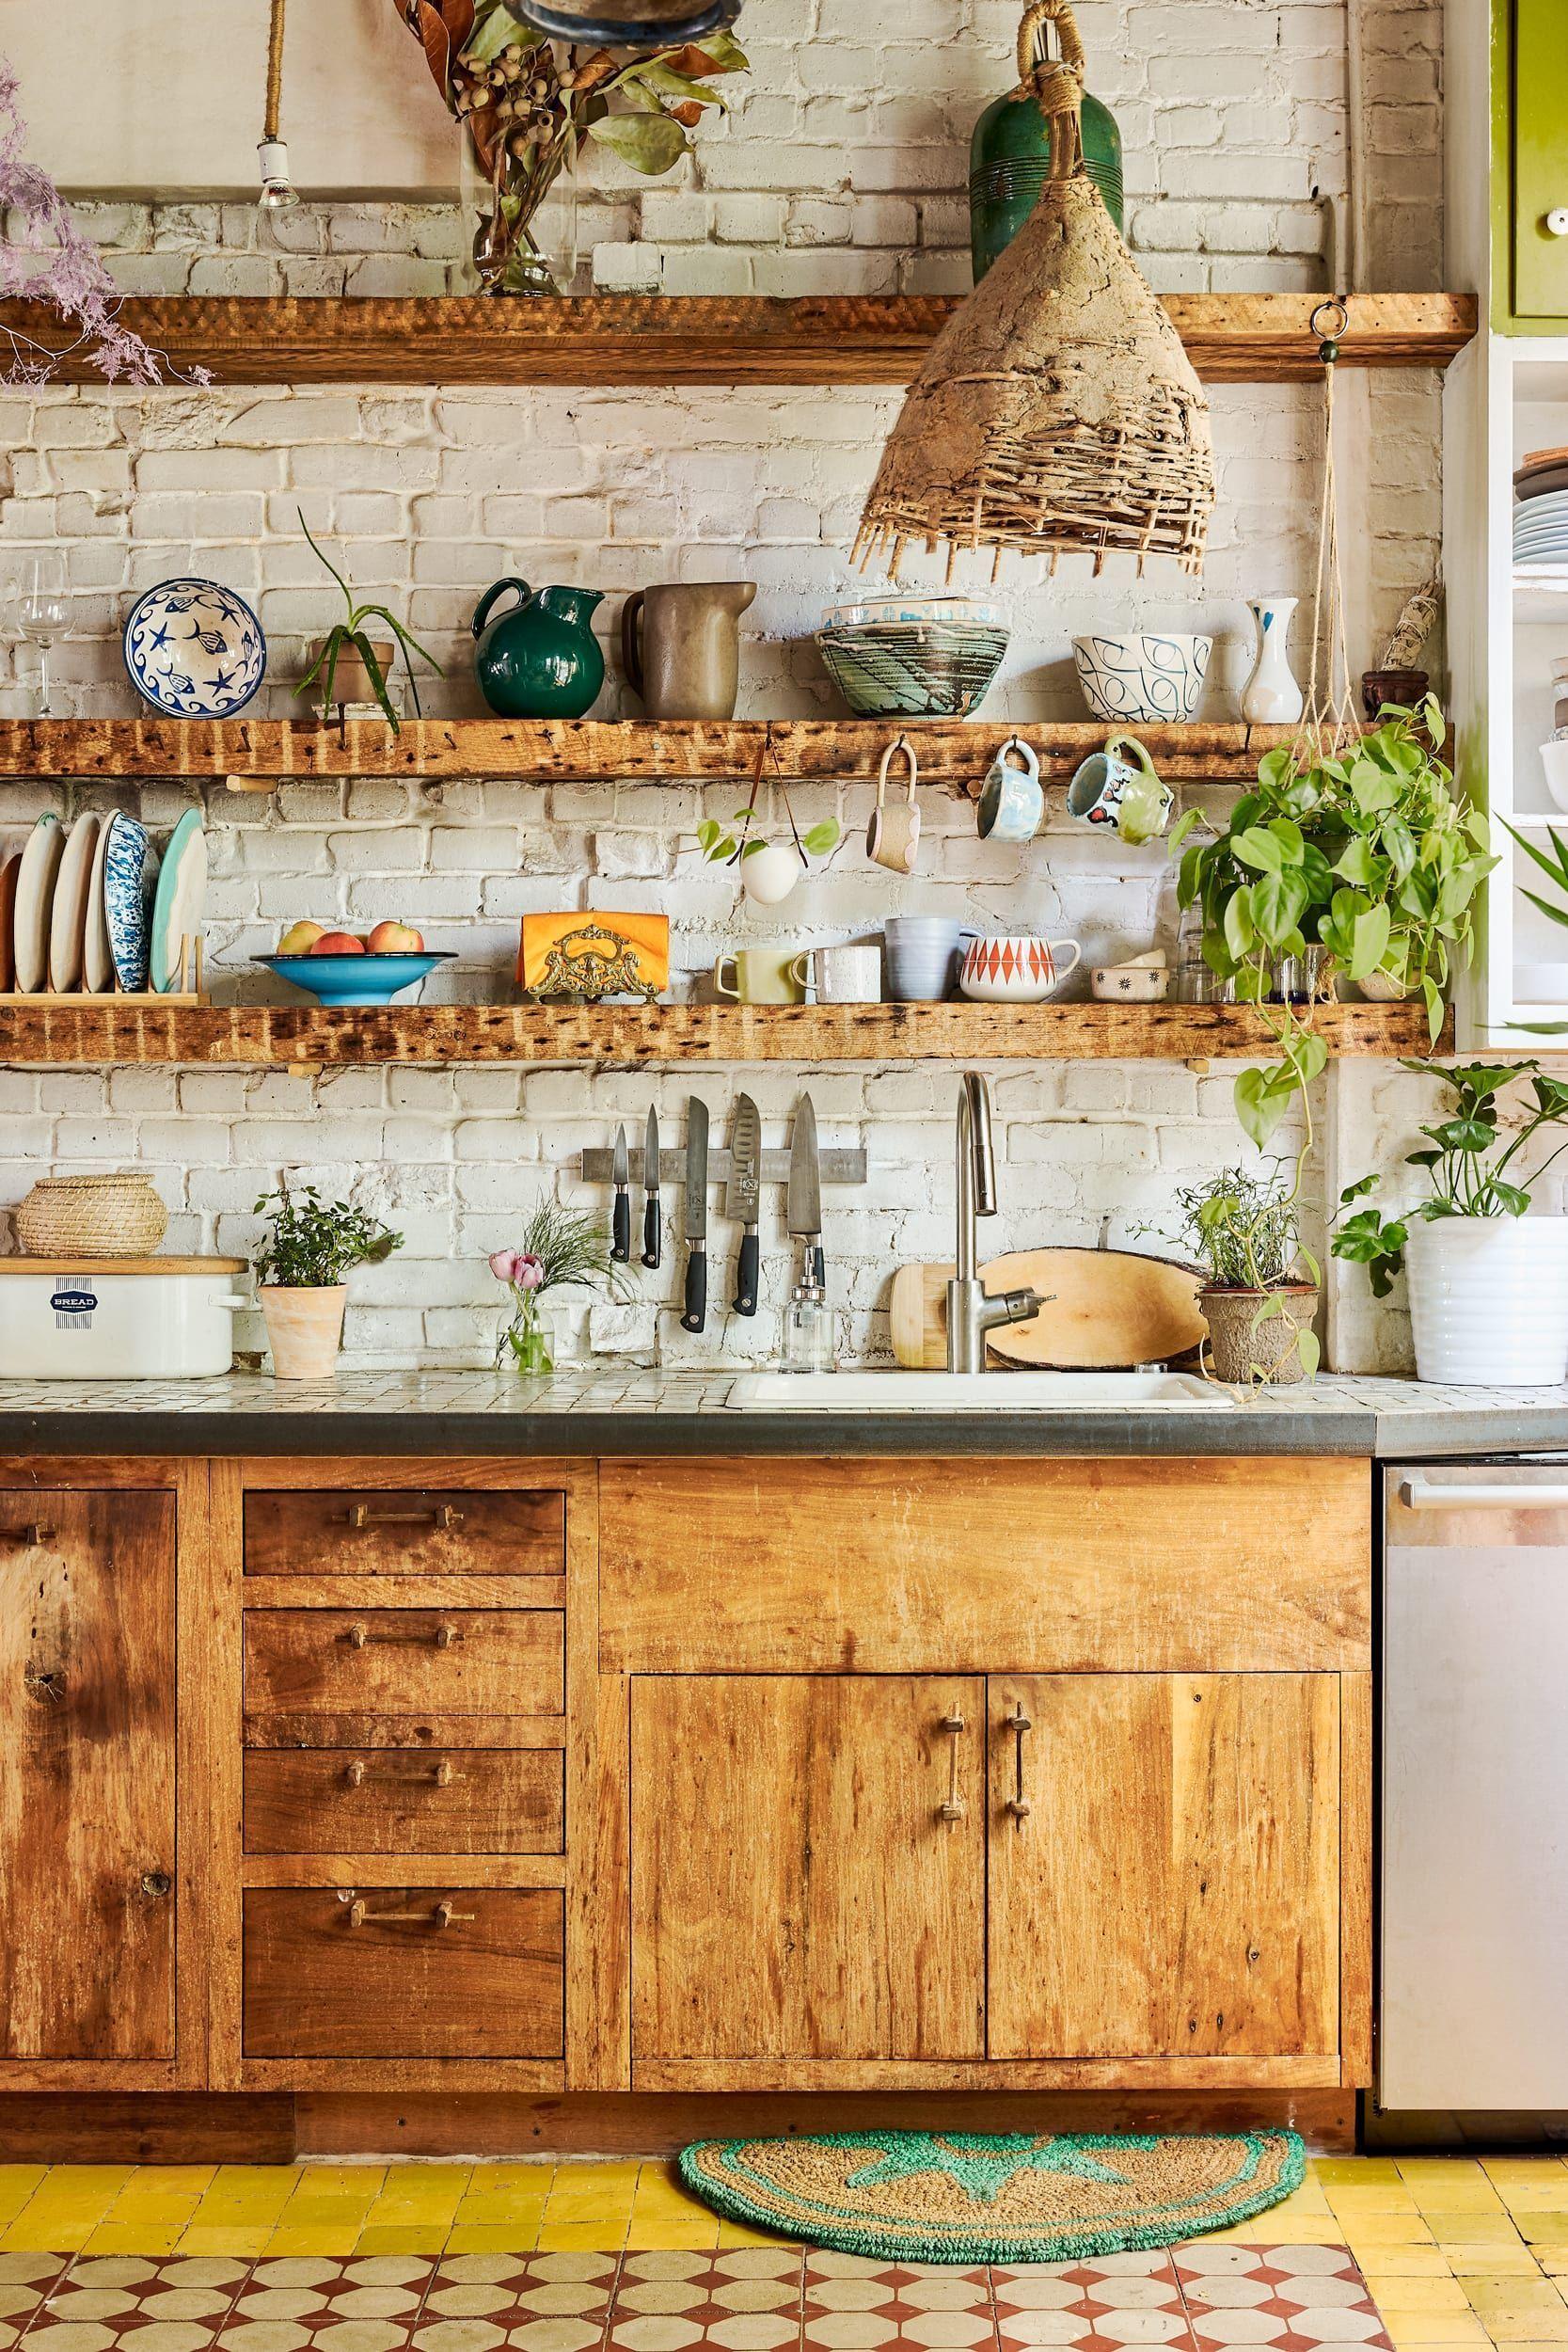 Les Gens De 2morrow Fondateurs Brooklyn Accueil Tour In 2020 Rustic Kitchen Boho Style Kitchen Rustic Kitchen Design